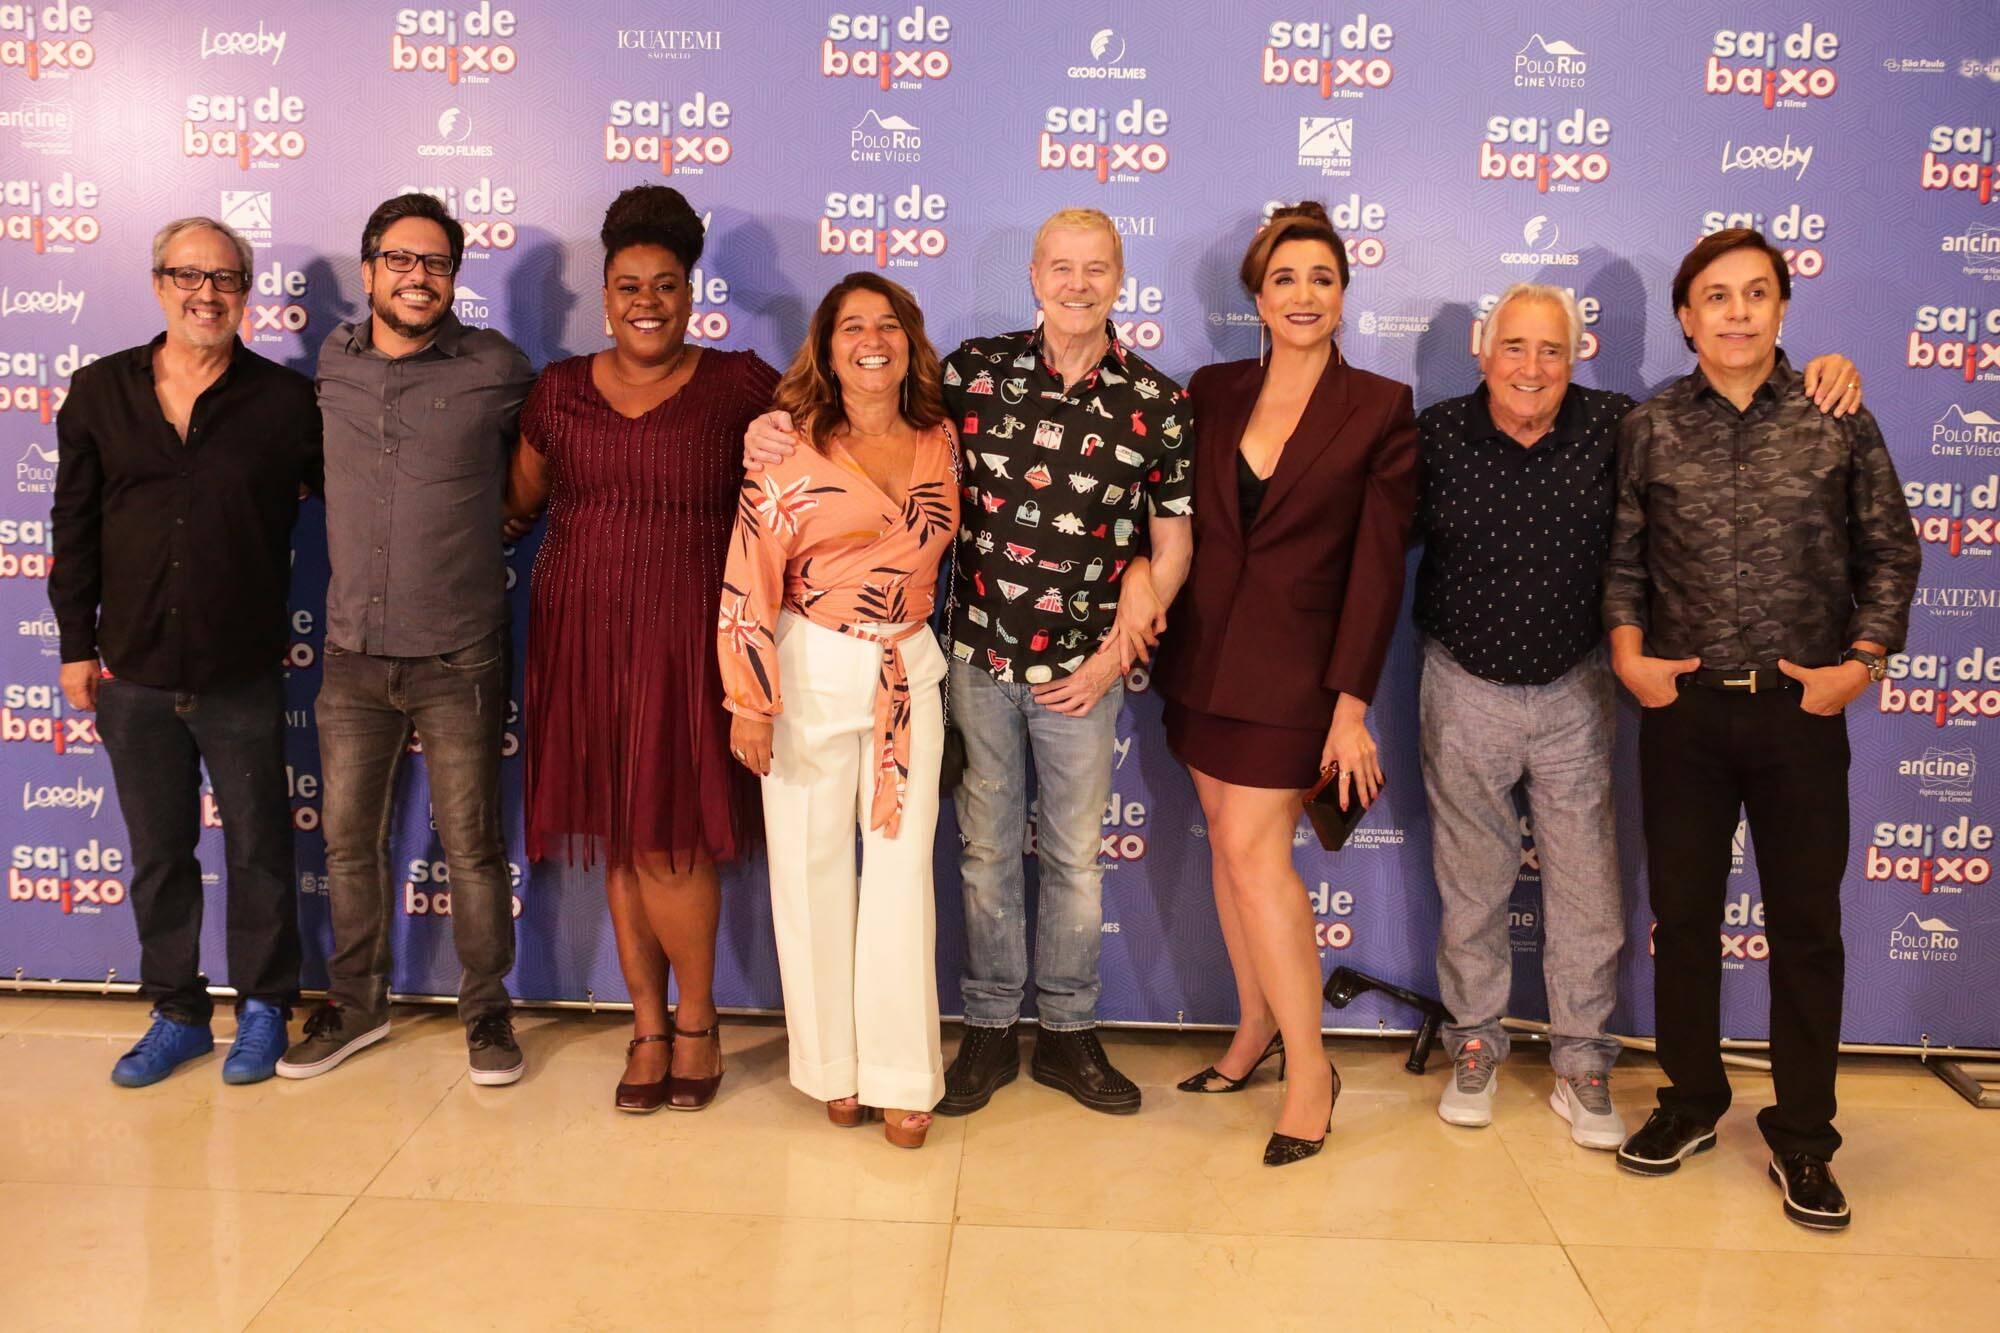 """Pré-estreia de """"Sai de Baixo"""" reúne famosos em São Paulo. Foto: Crédito: Lu Prezia"""